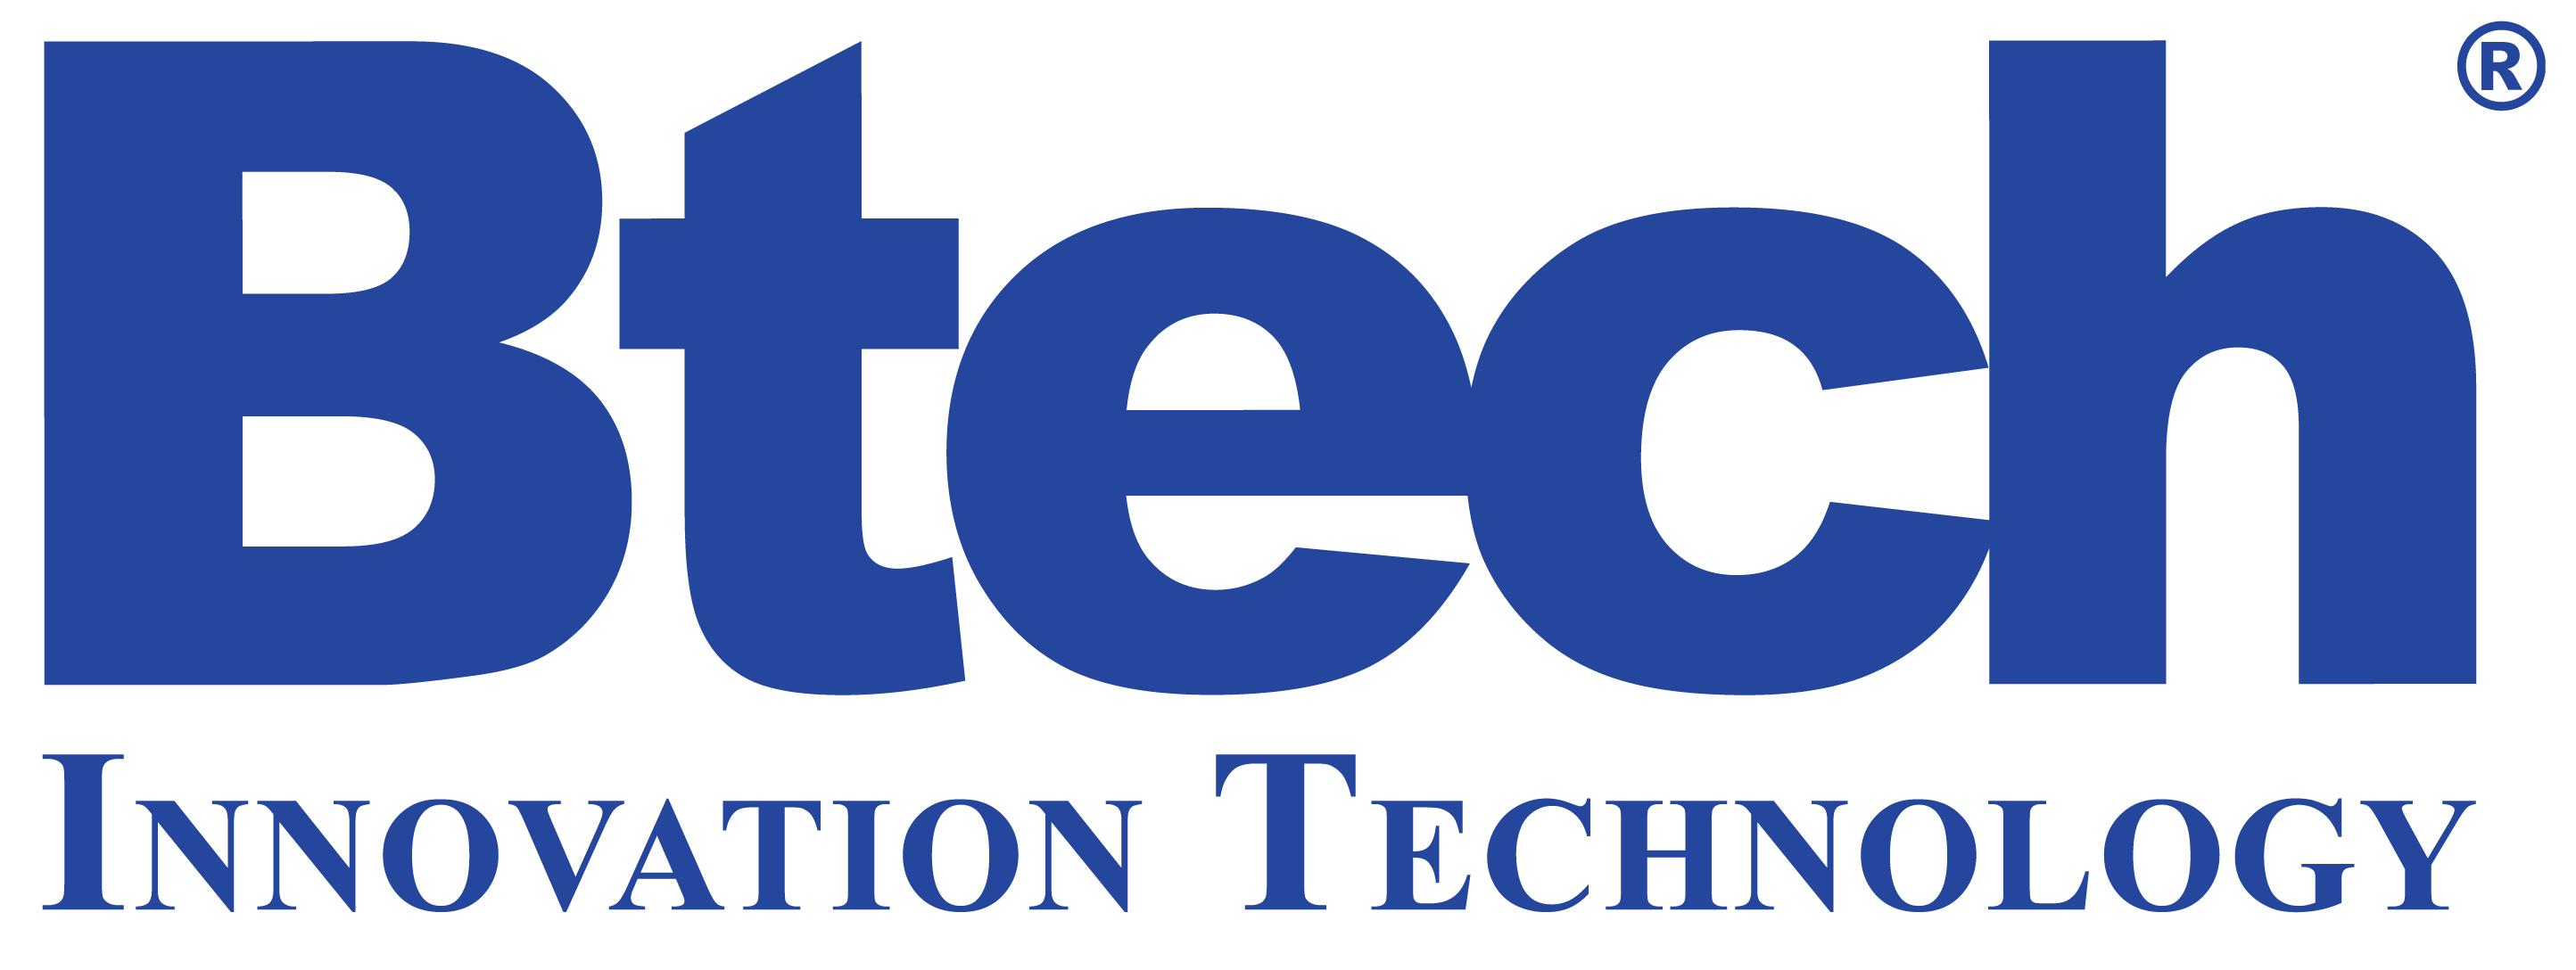 Technology Innovation Logo Innovation Technology